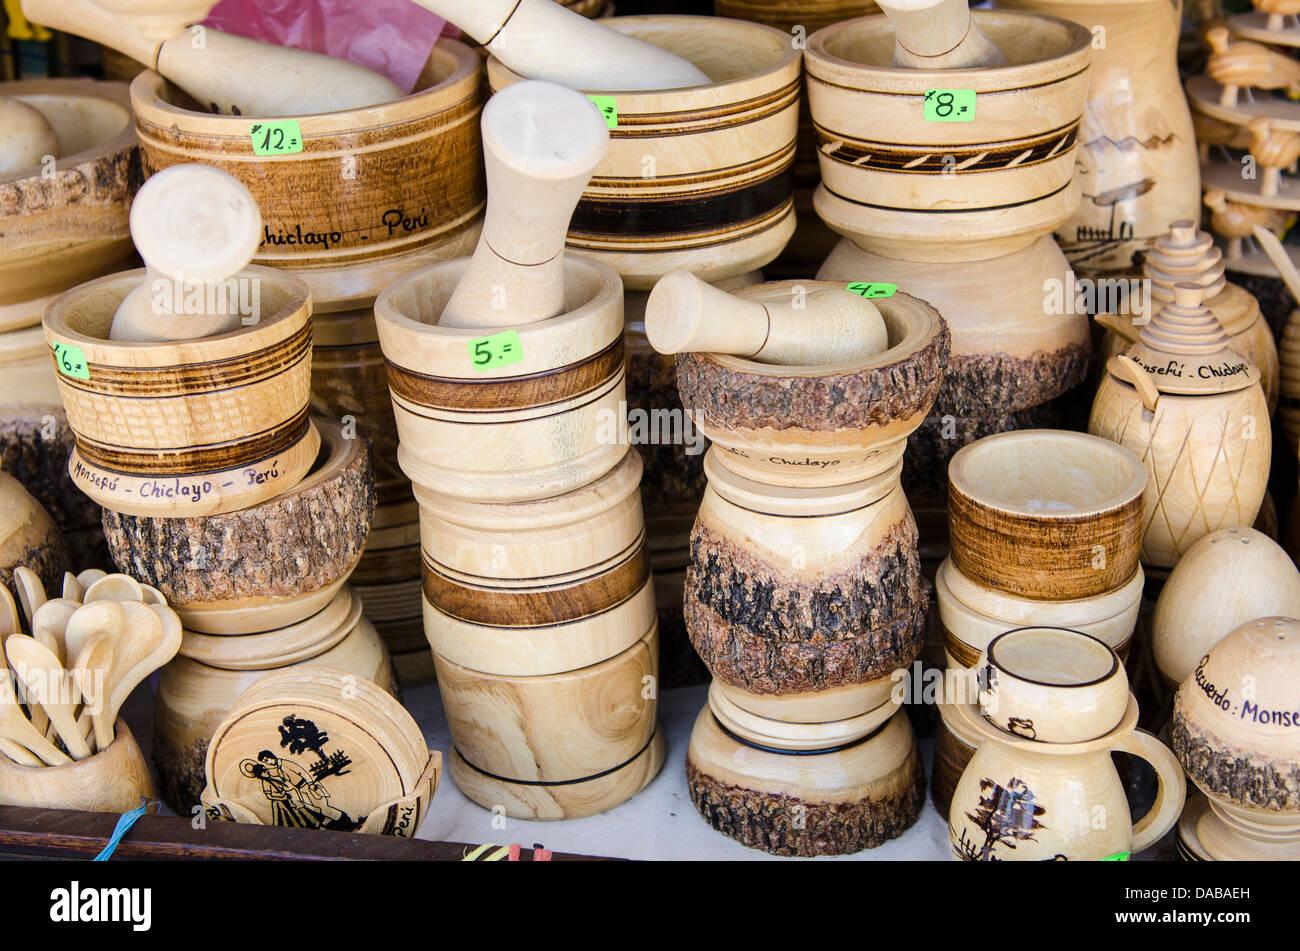 lokale geschnitzt schnitzen holz bewaldeten vasen f llen m rser und st el souvenir souvenirs in. Black Bedroom Furniture Sets. Home Design Ideas